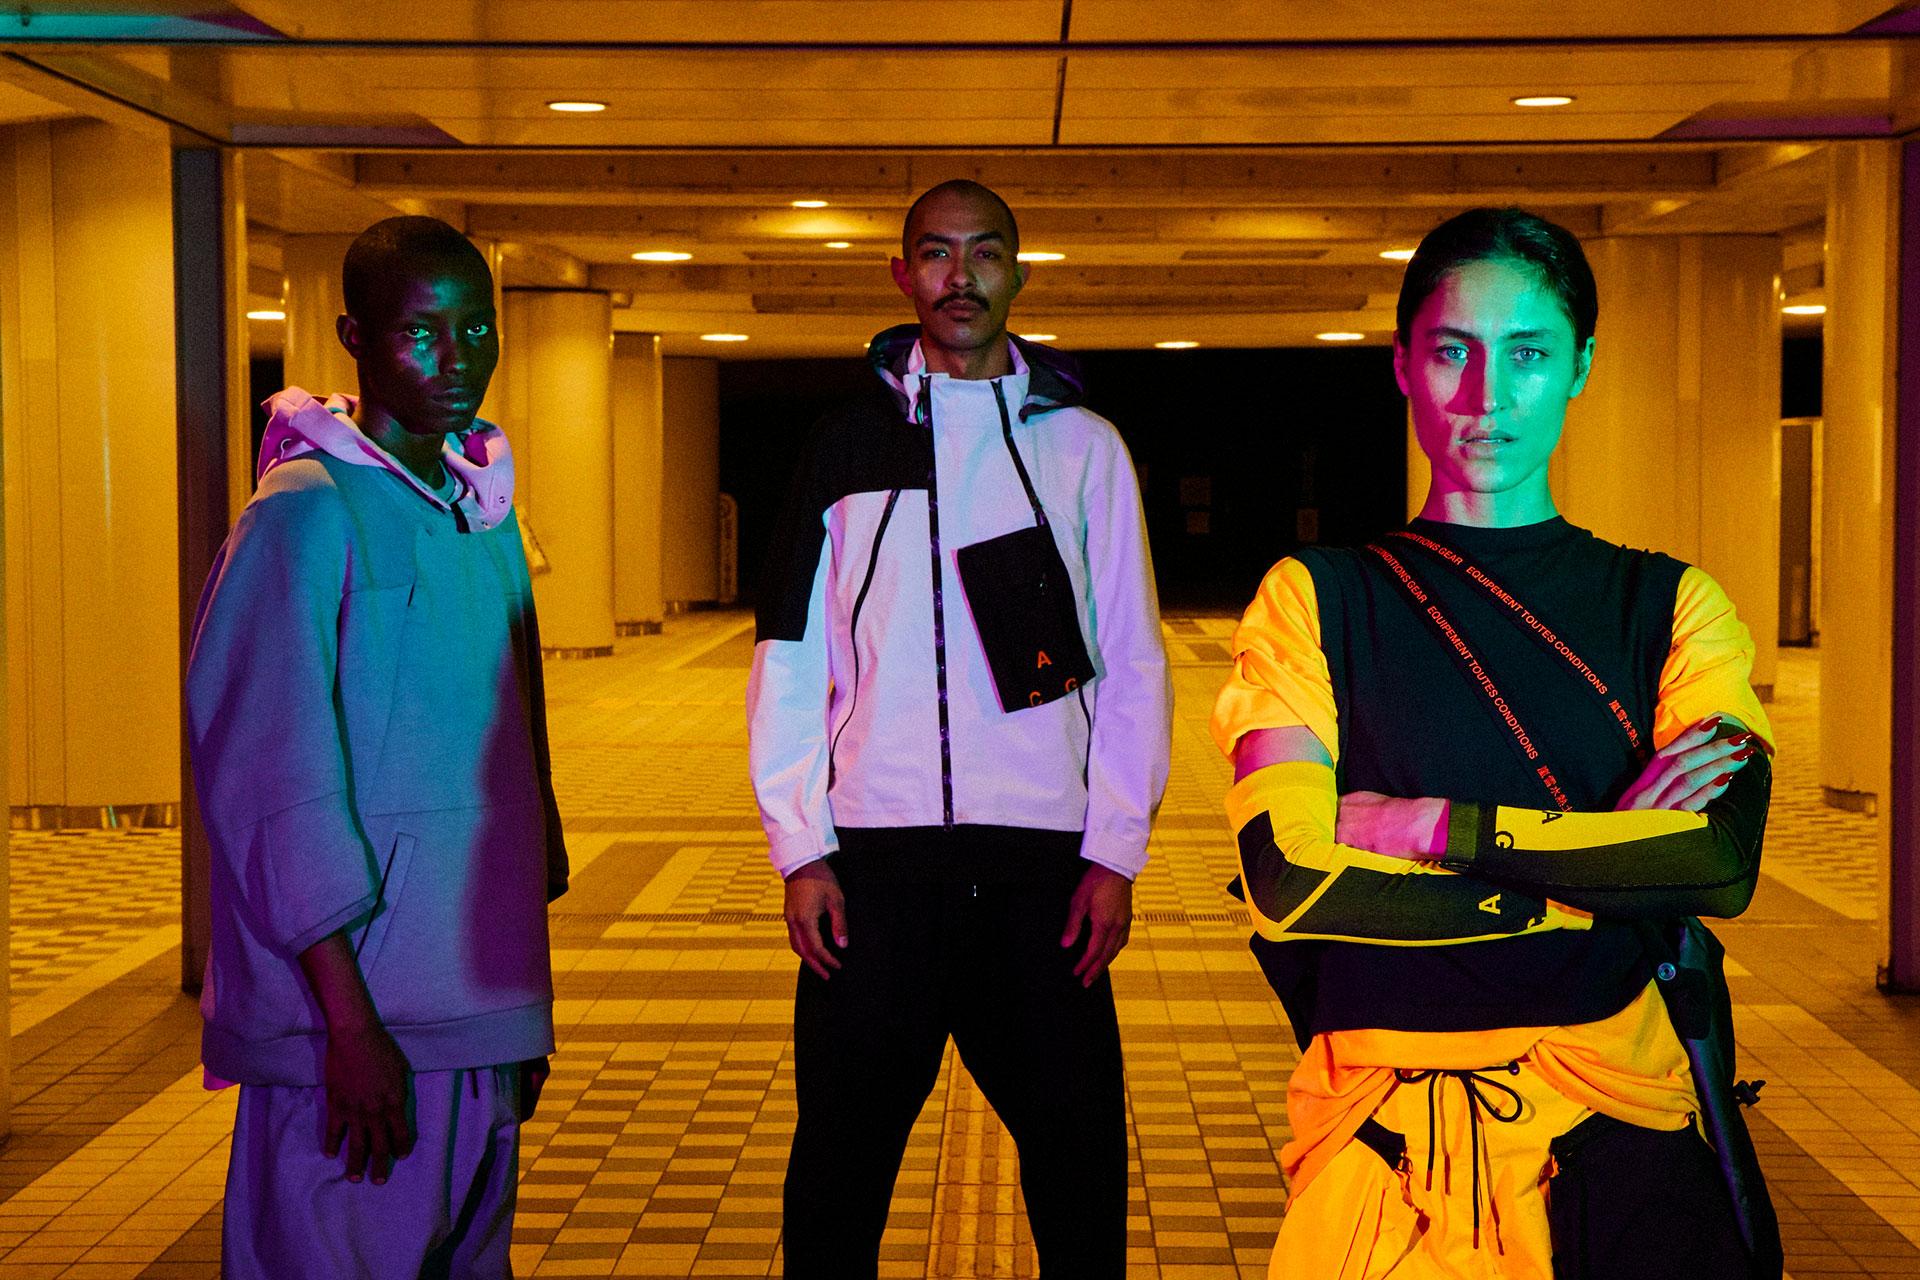 La nueva colección Nike ACG hará que desees ser deportista